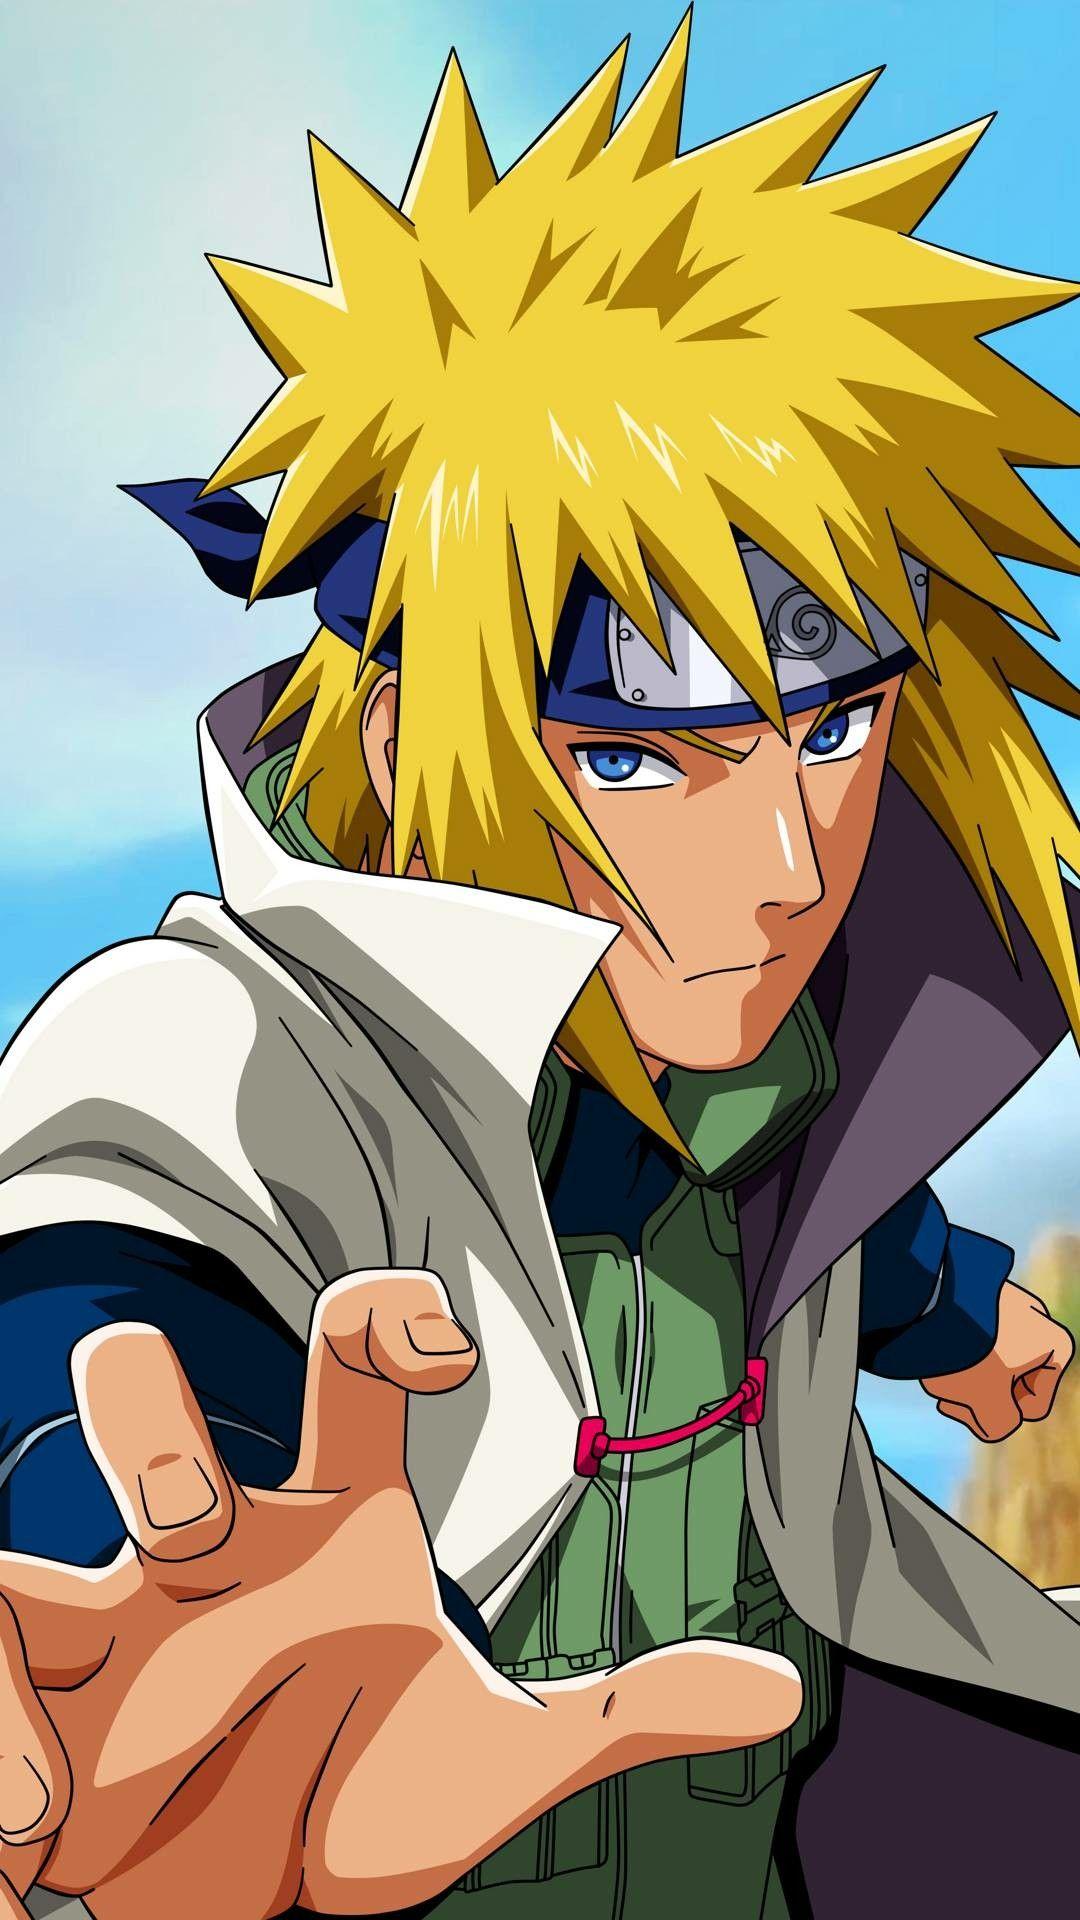 4th Hokage Minato Namikaze (With images) Naruto